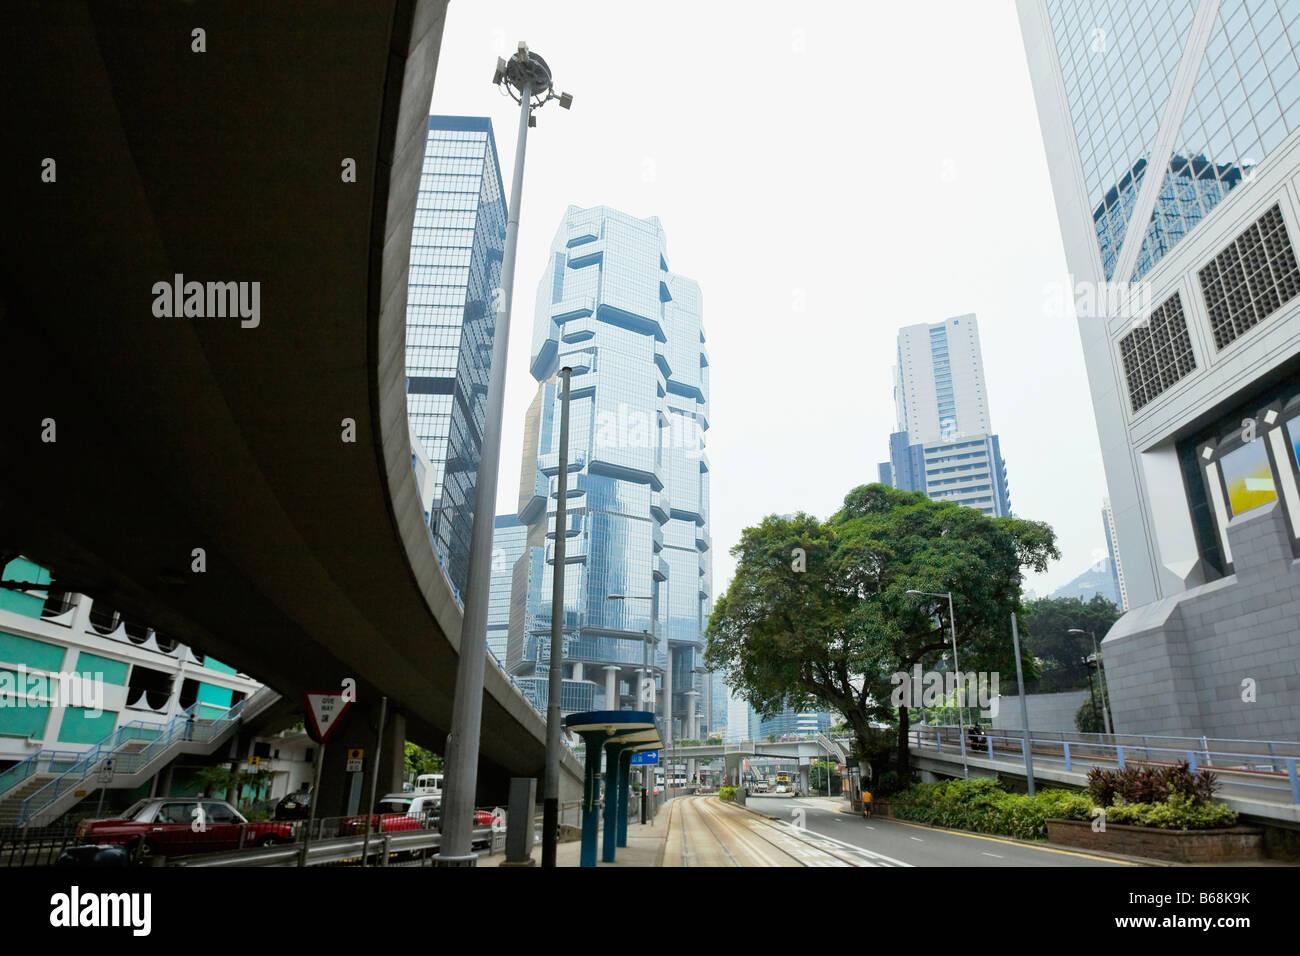 Niedrigen Winkel Ansicht der Wolkenkratzer in einer Stadt, Des Voeux Road, Hong Kong Insel, China Stockbild